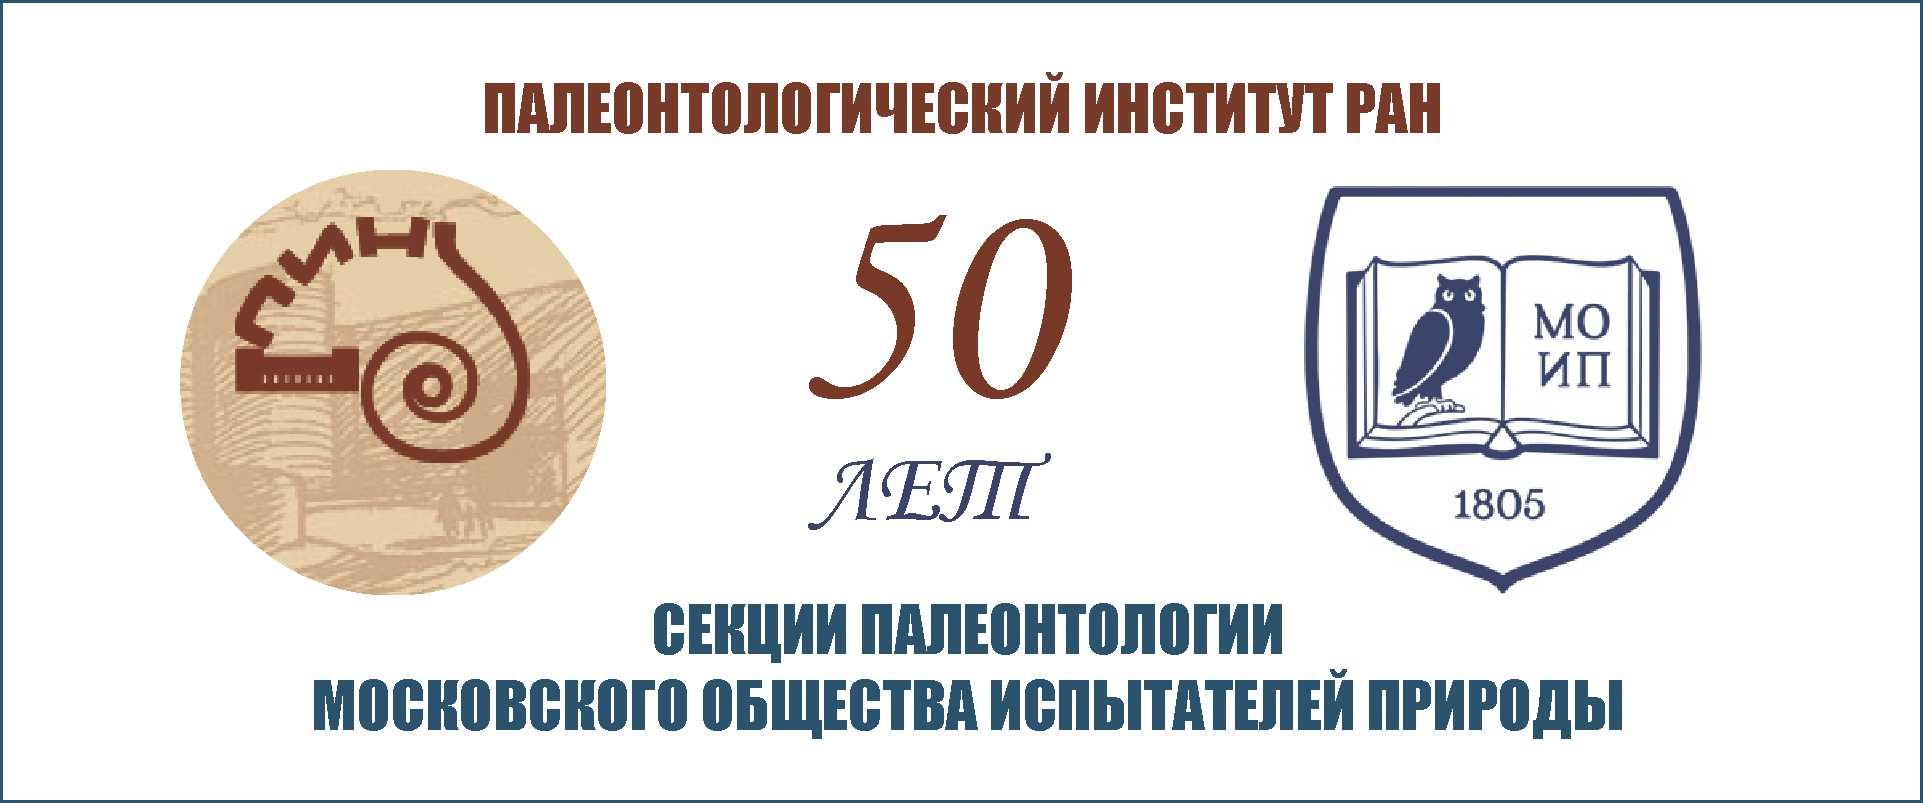 Секция палеонтологии МОИП за 50 лет